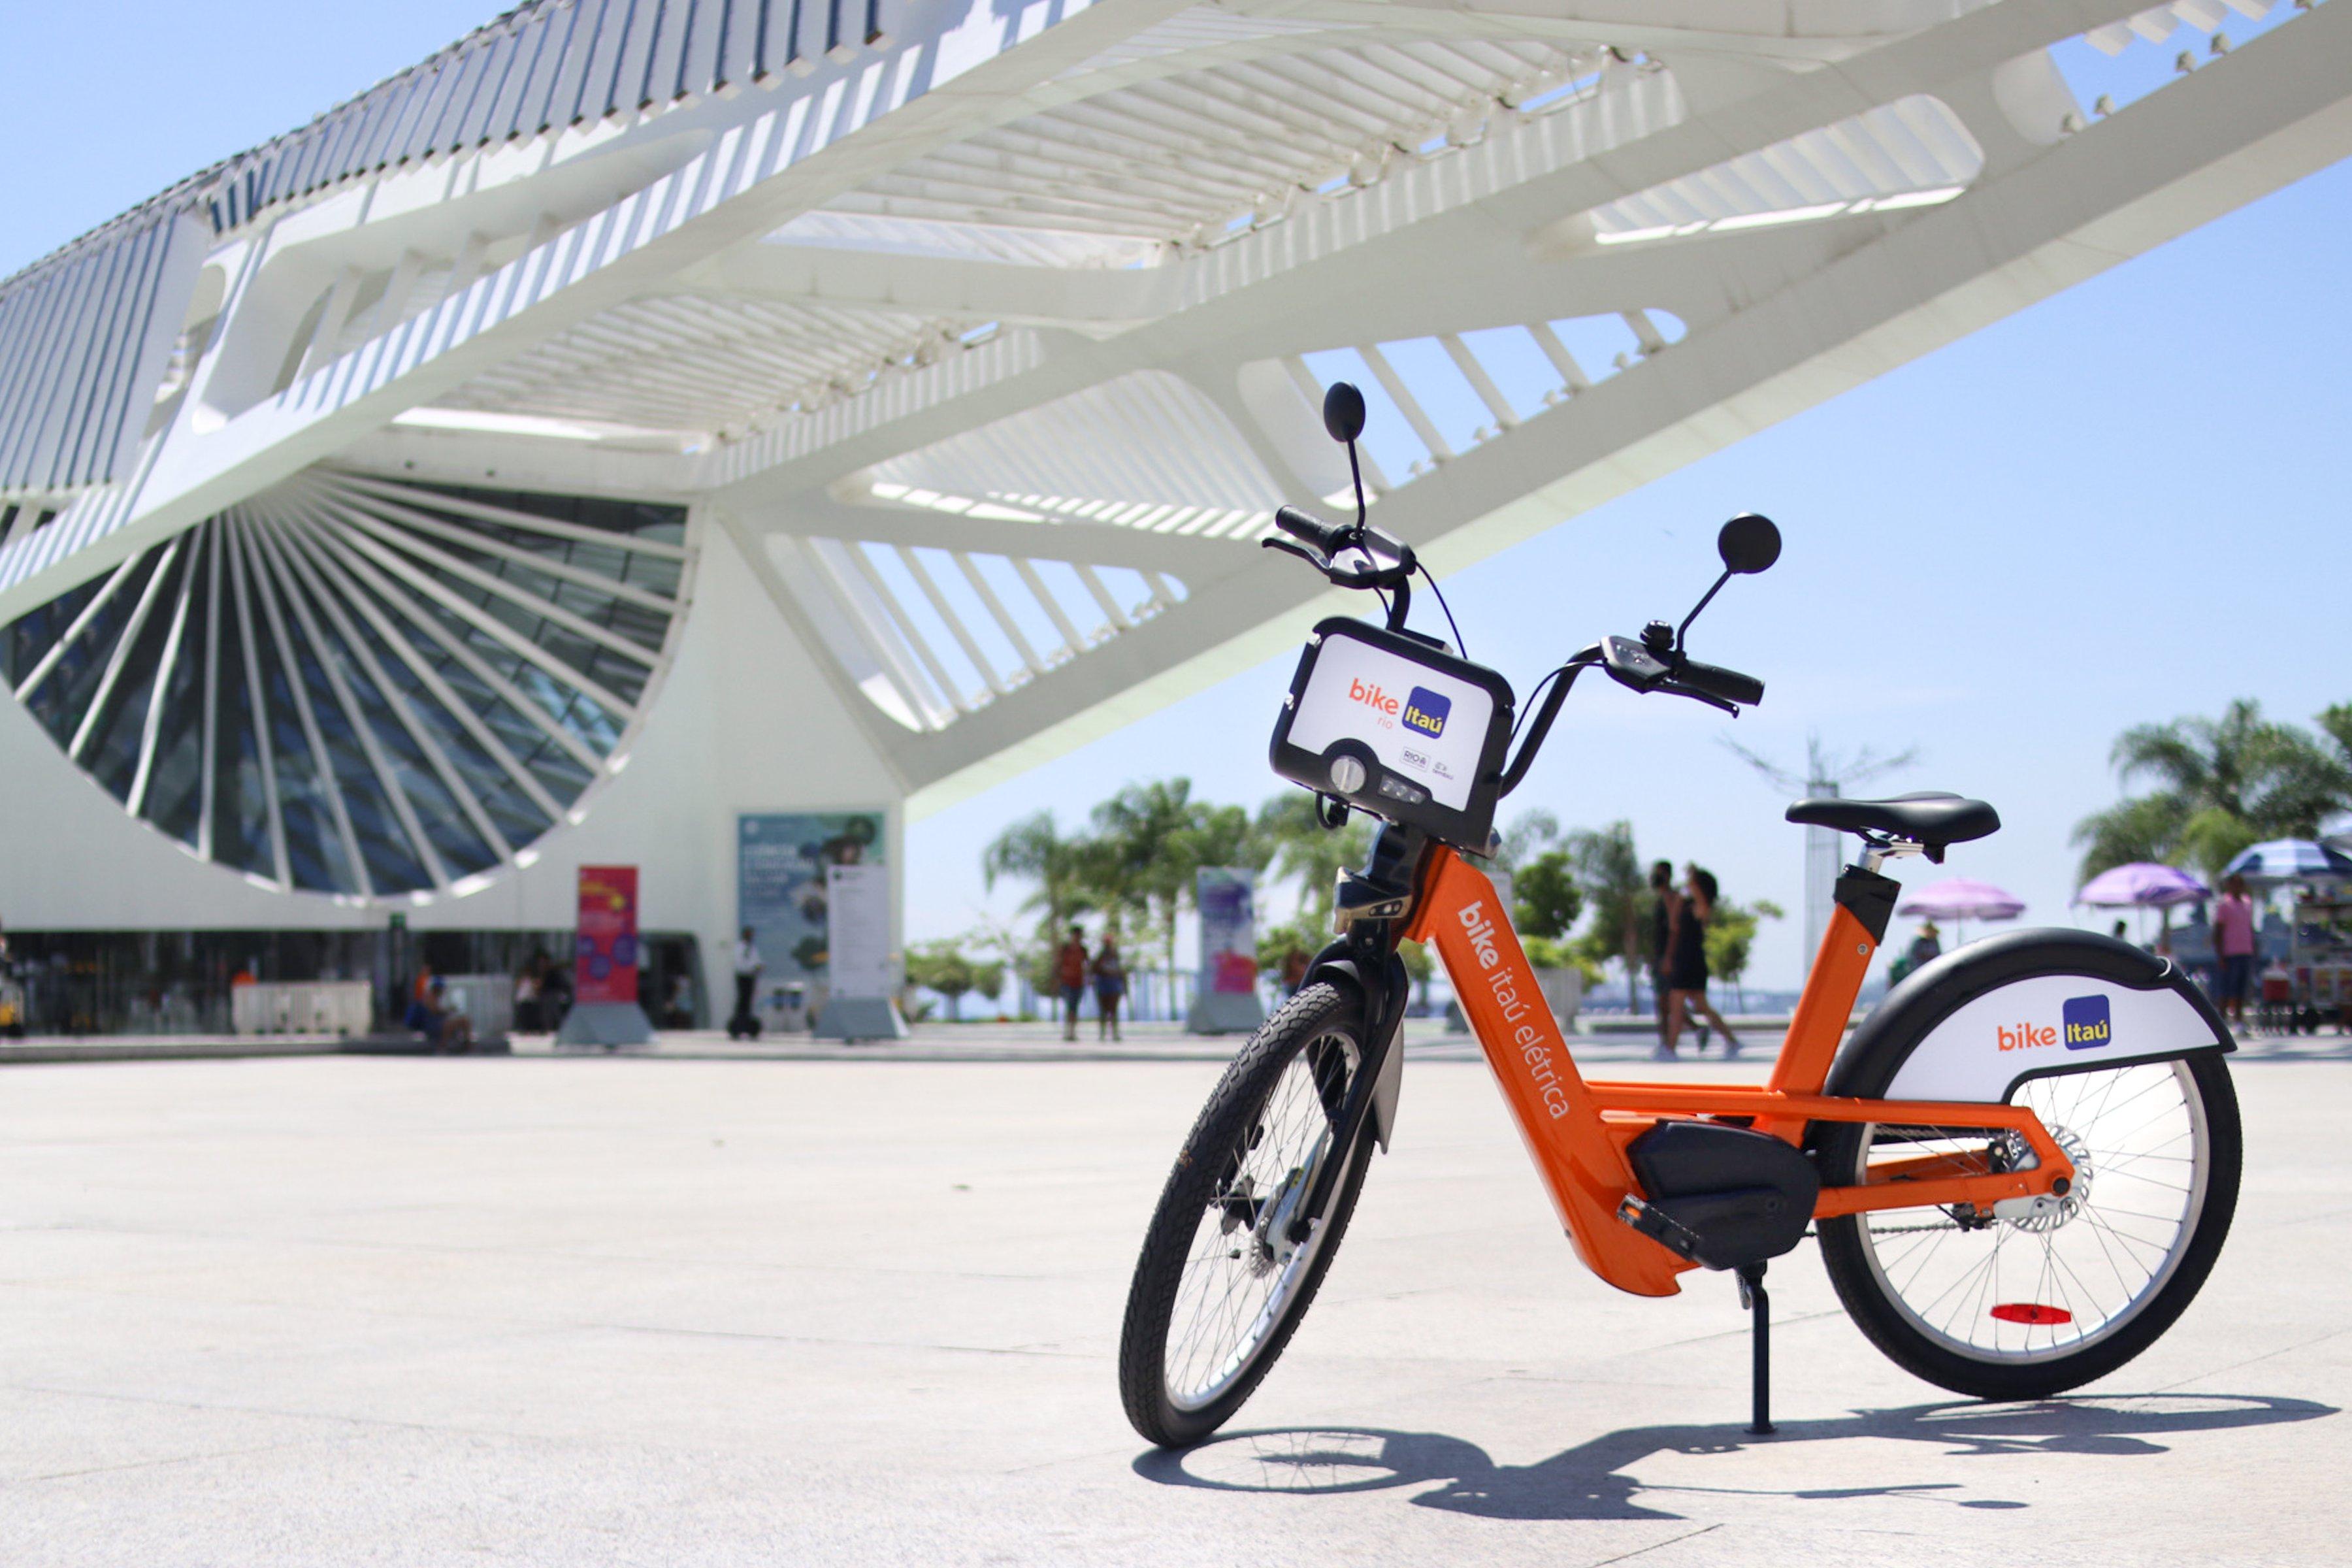 Bicicleta elétrica do Itaú estacionada em frente ao Museu do Amanhã